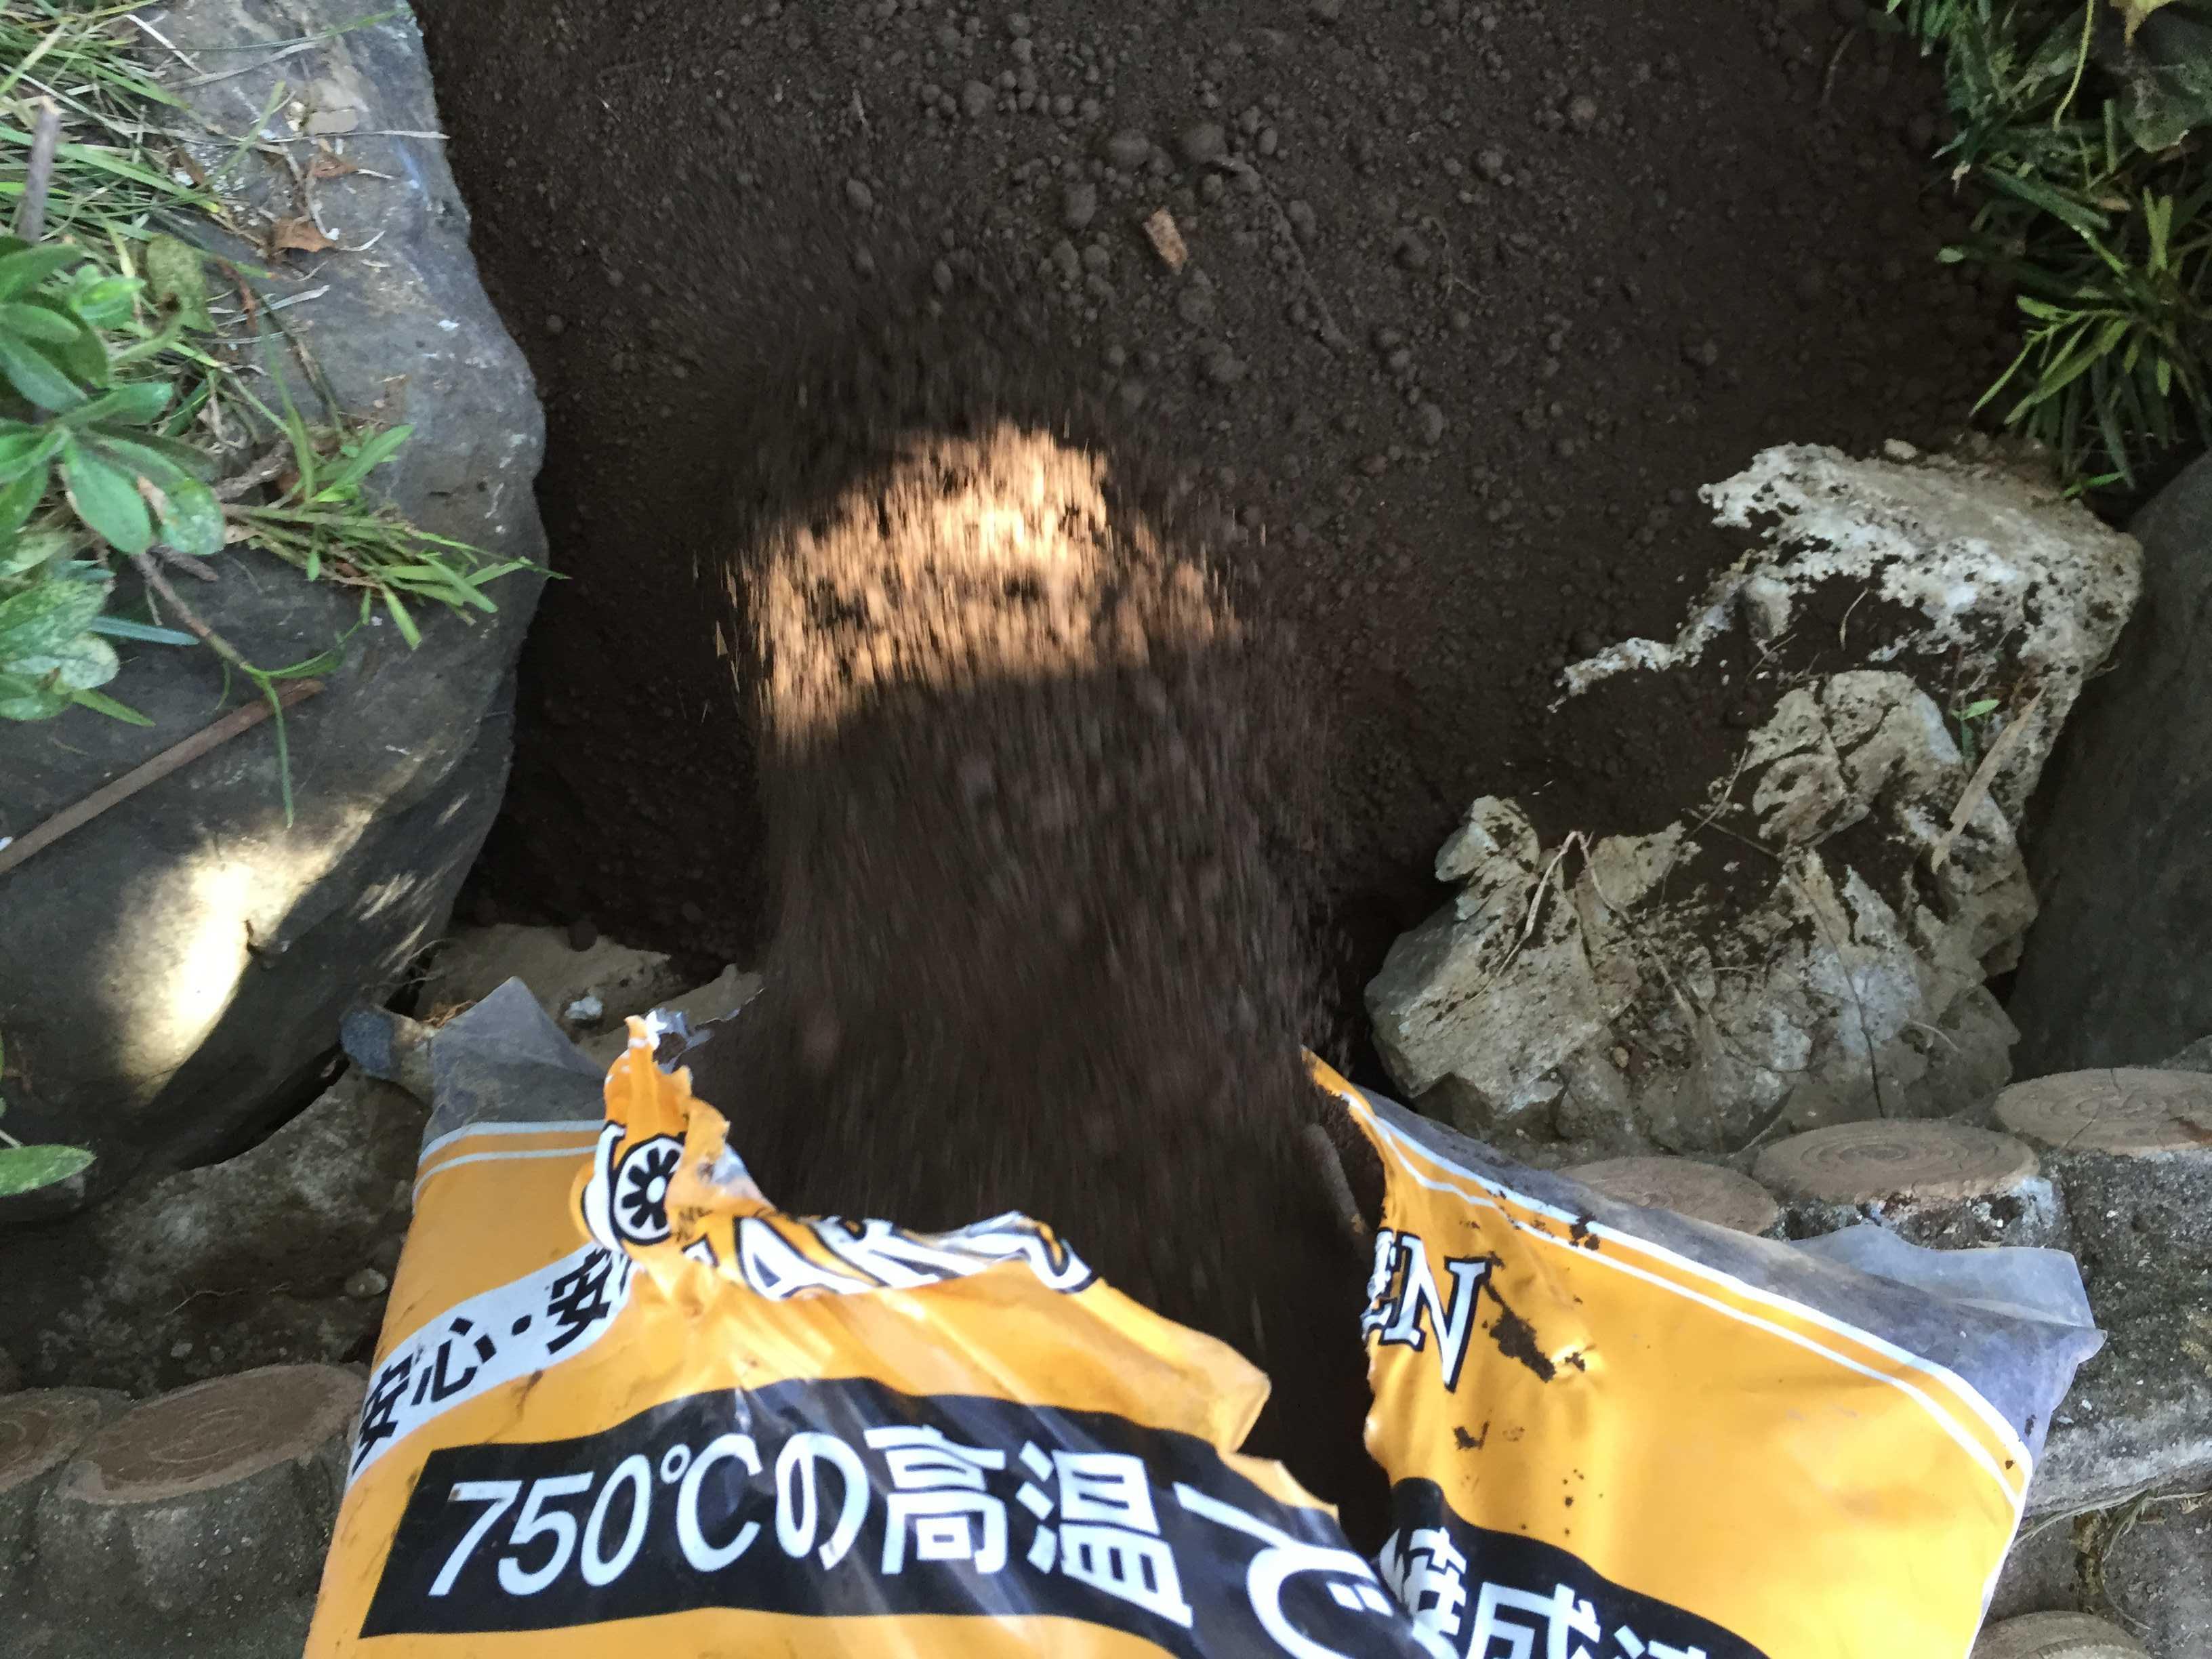 山百合の球根植え付け - 焼成済み焼黒土